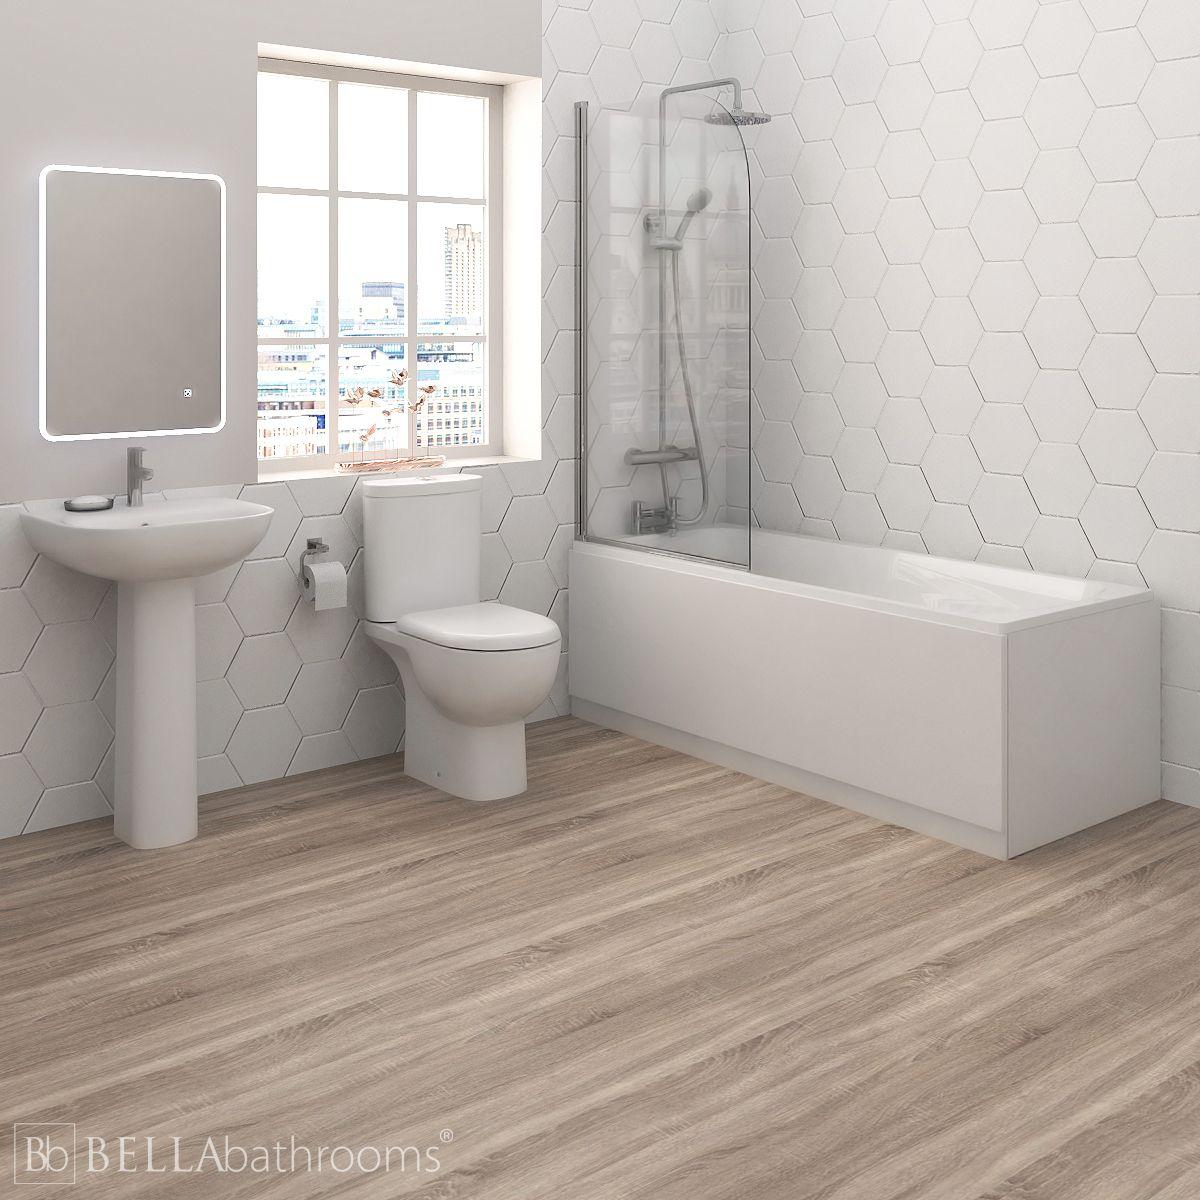 RAK Tonique Shower Bath Suite